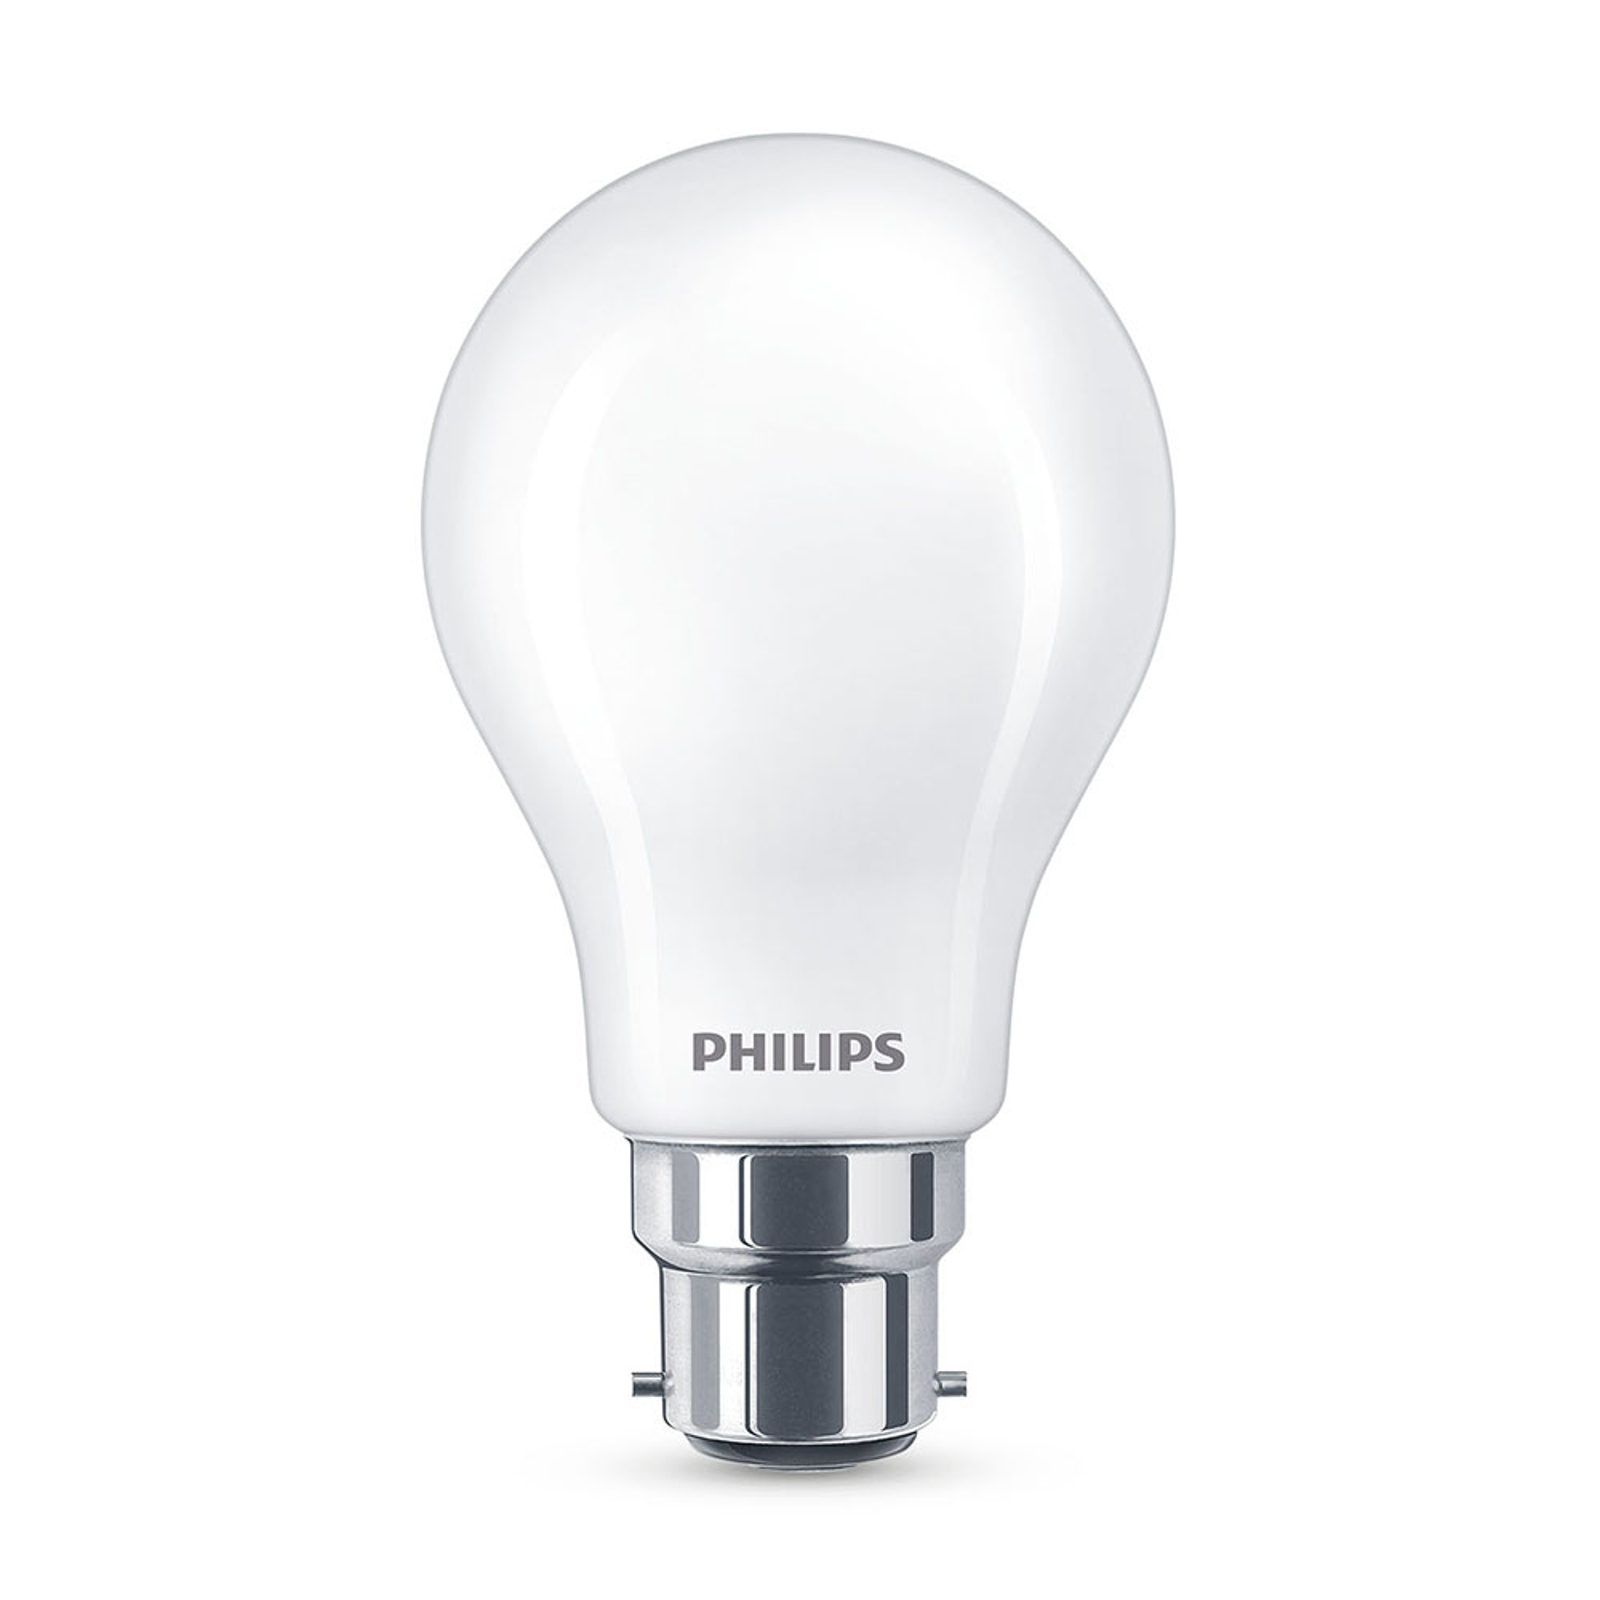 Philips LED-Lampe Classic B22 A60 7W 2.700K matt